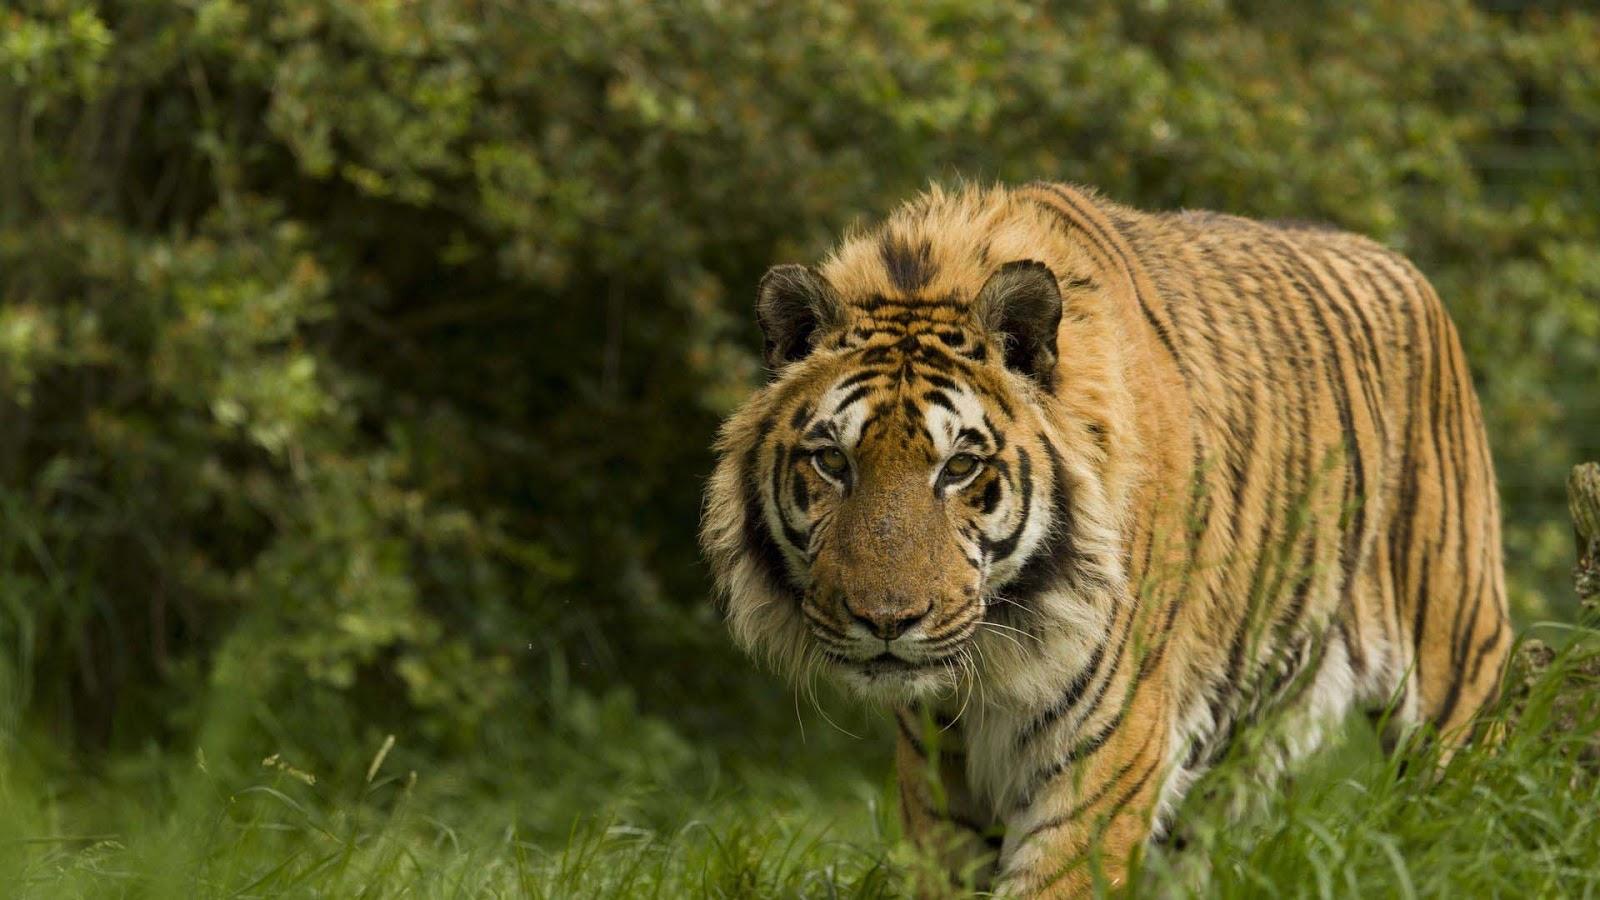 hewan-gambar-bagus-koleksi-harimau